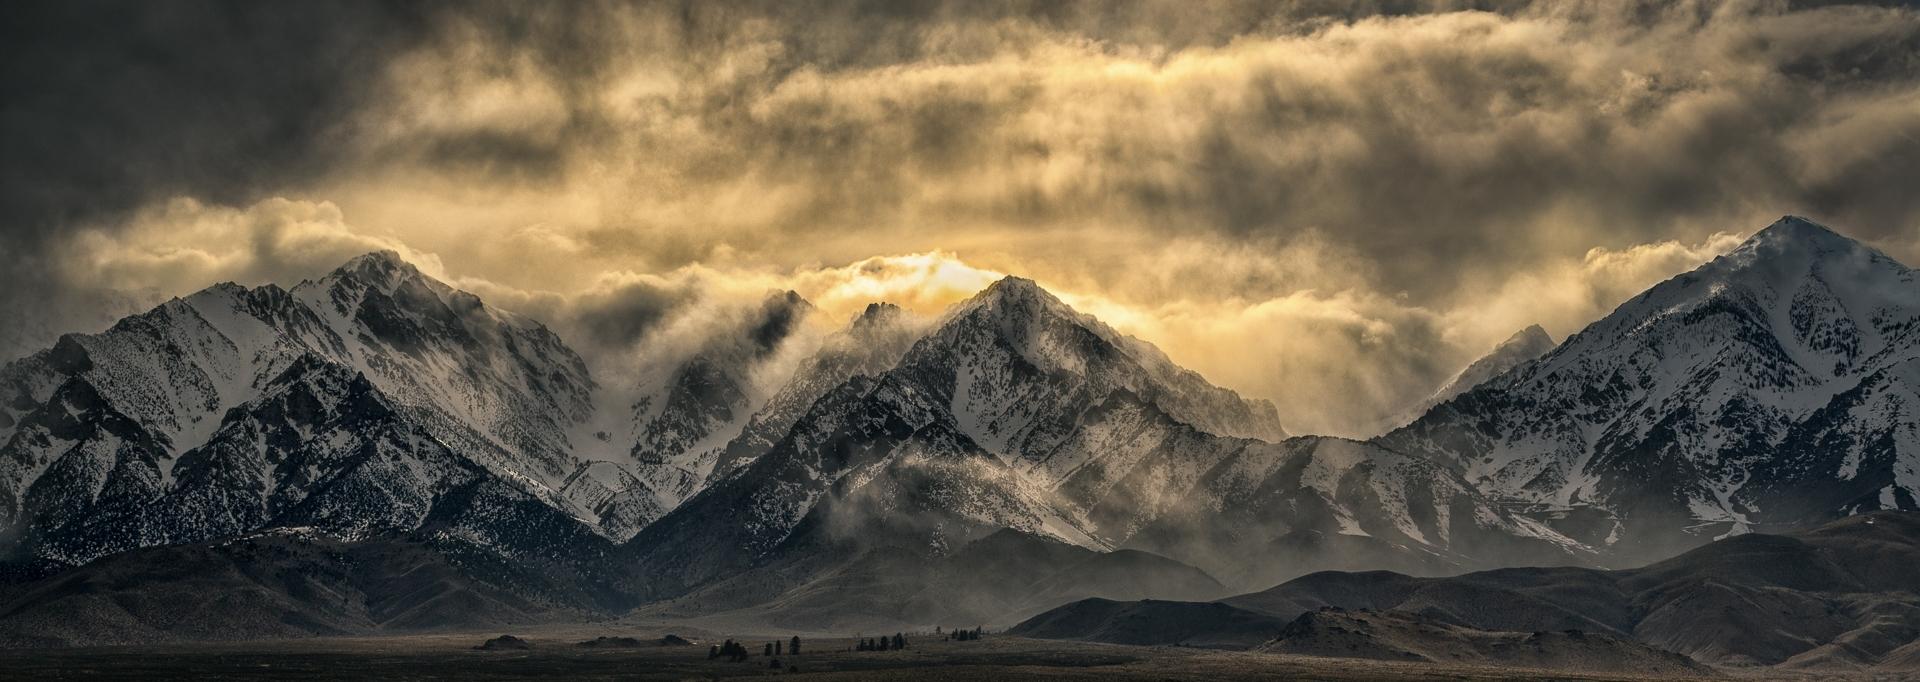 Storm-on-the-Eastern-Sierra-TA-1-Place-by-Nick-Allen-SR